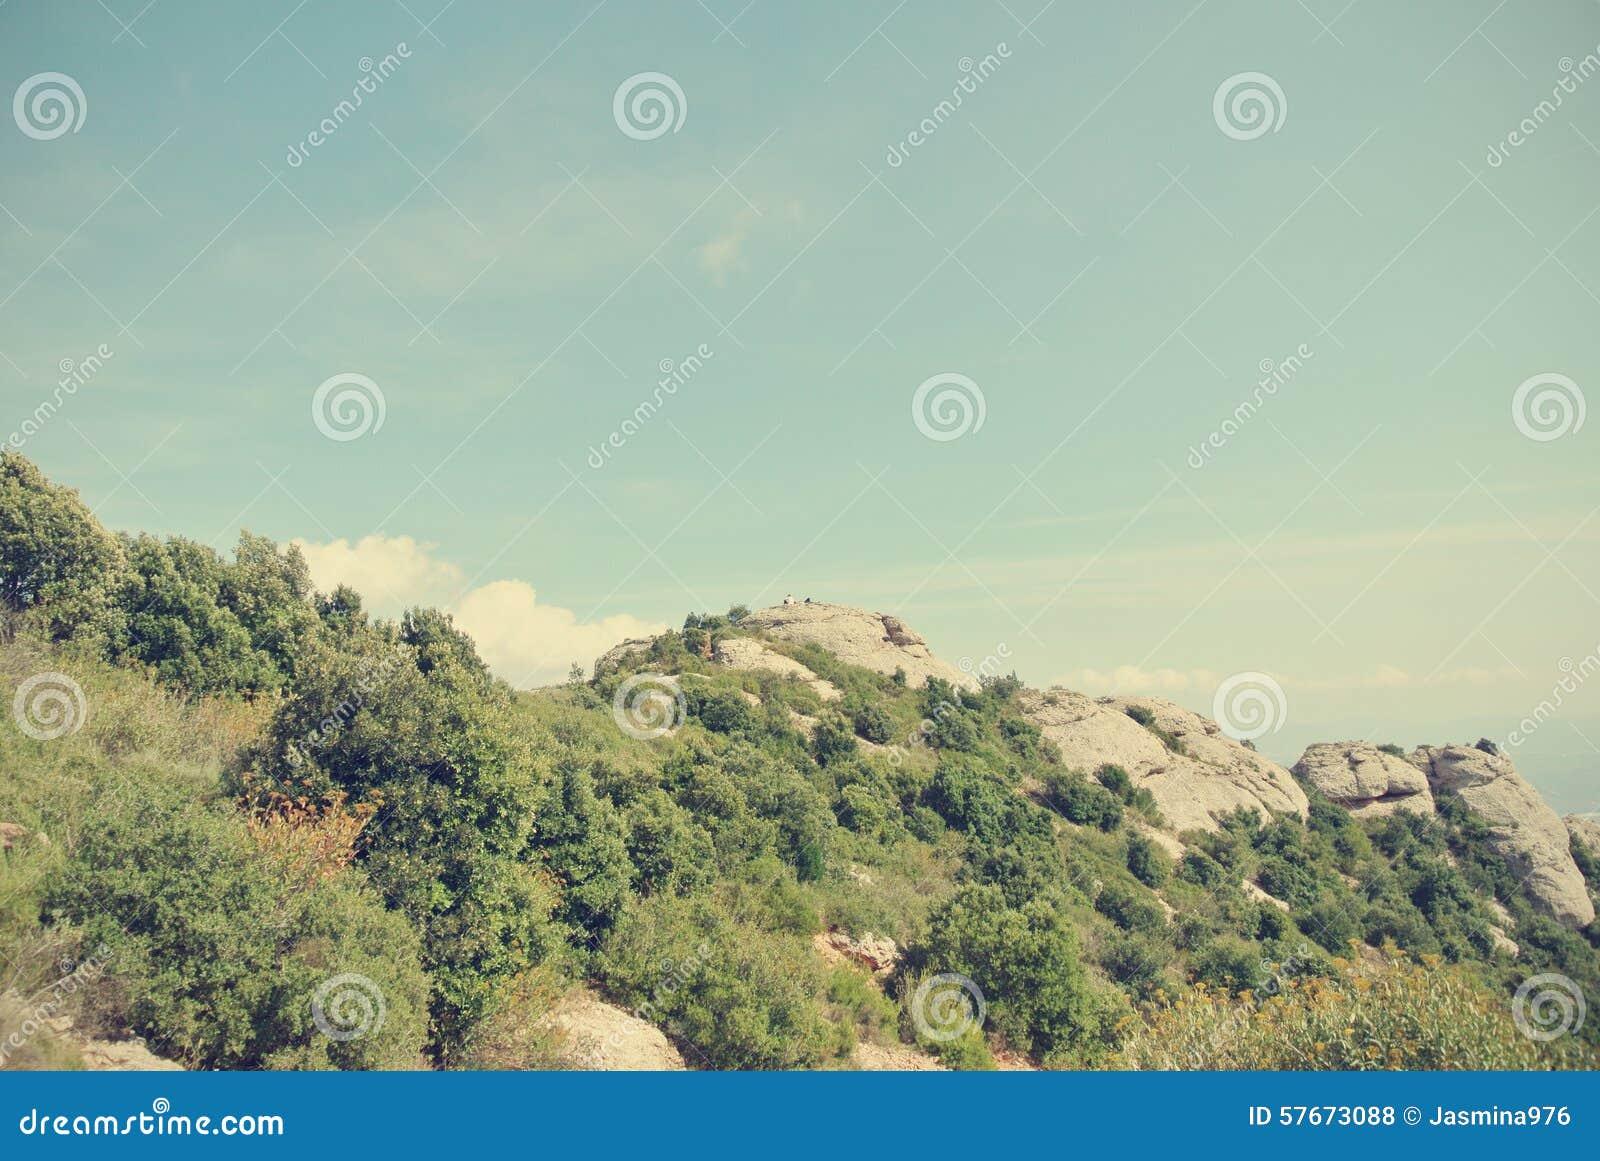 Góra krajobraz na słonecznym dniu; filtrujący, retro styl,